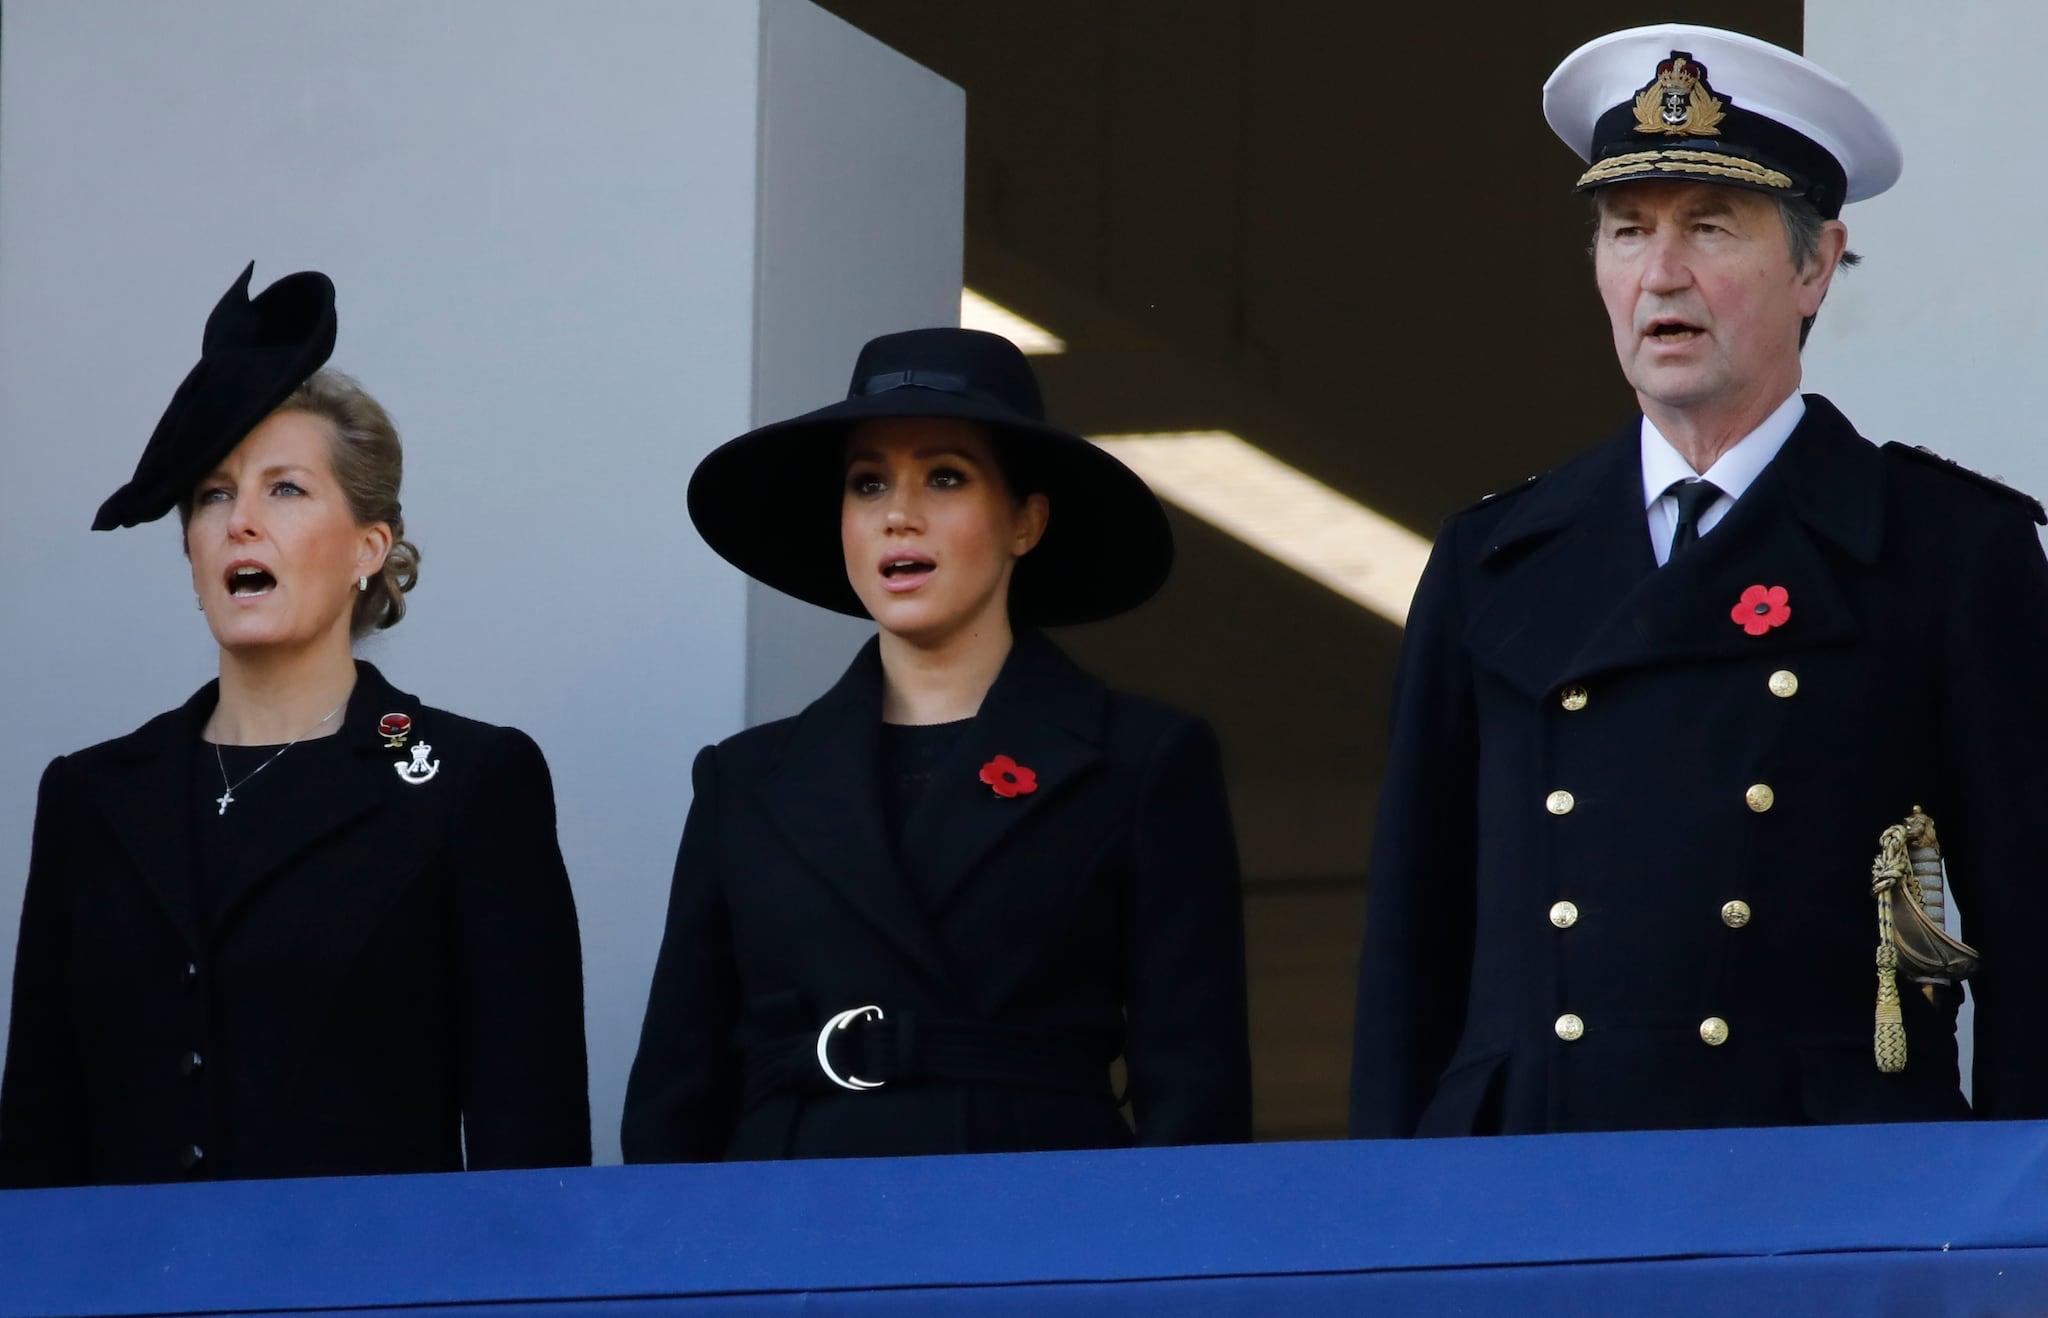 Meughan Markle in un balcone separato con la contessa di Wessex Sophie e il Vice Ammiraglio Timothy Laurence